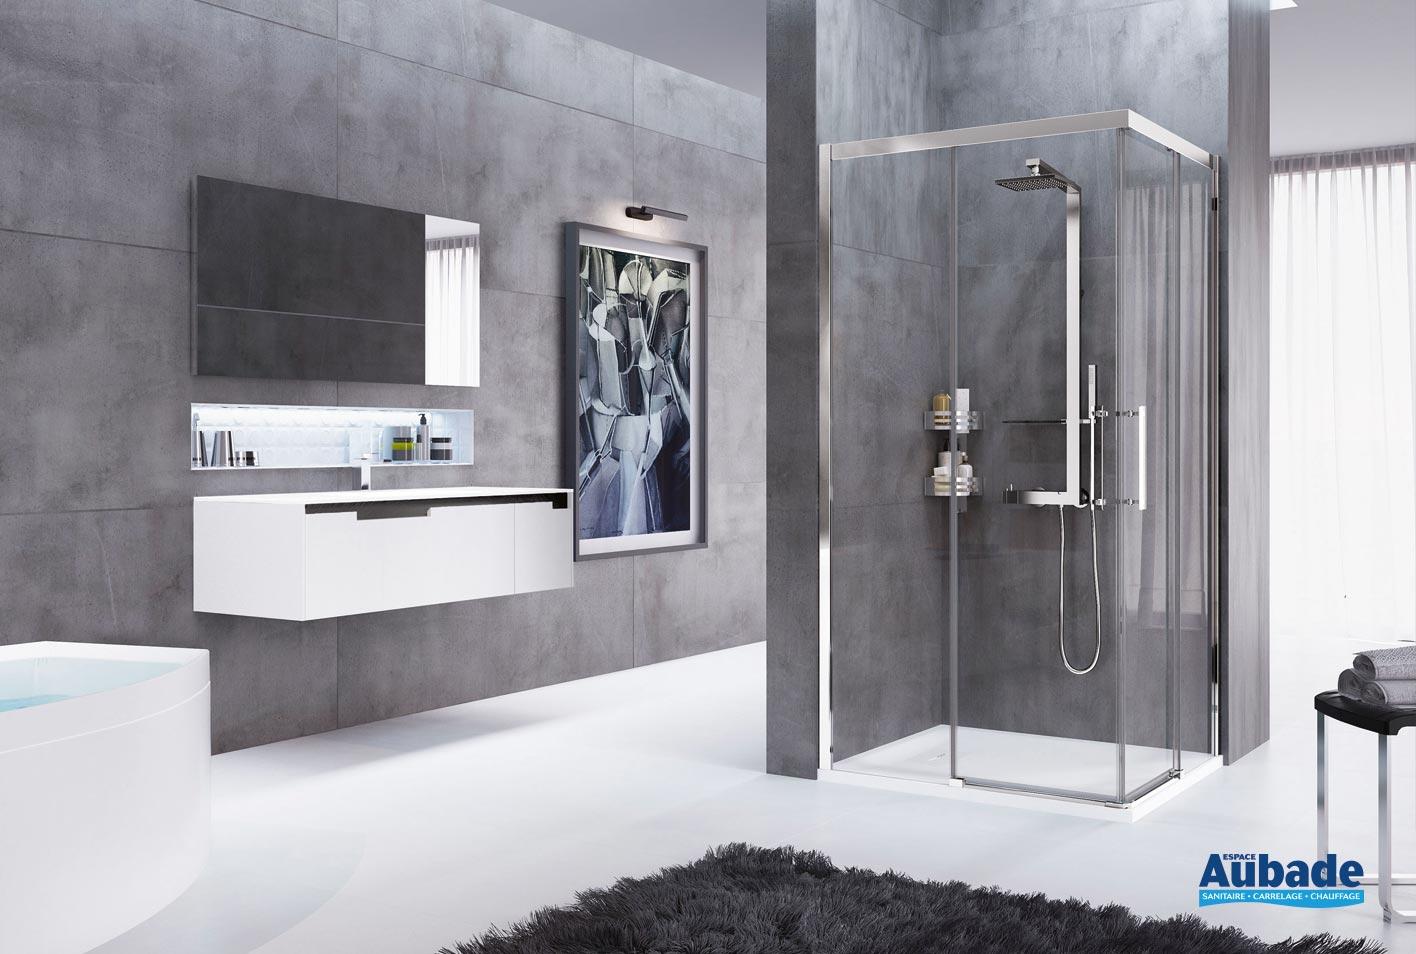 paroi de douche en verre novellini rosse espace aubade. Black Bedroom Furniture Sets. Home Design Ideas